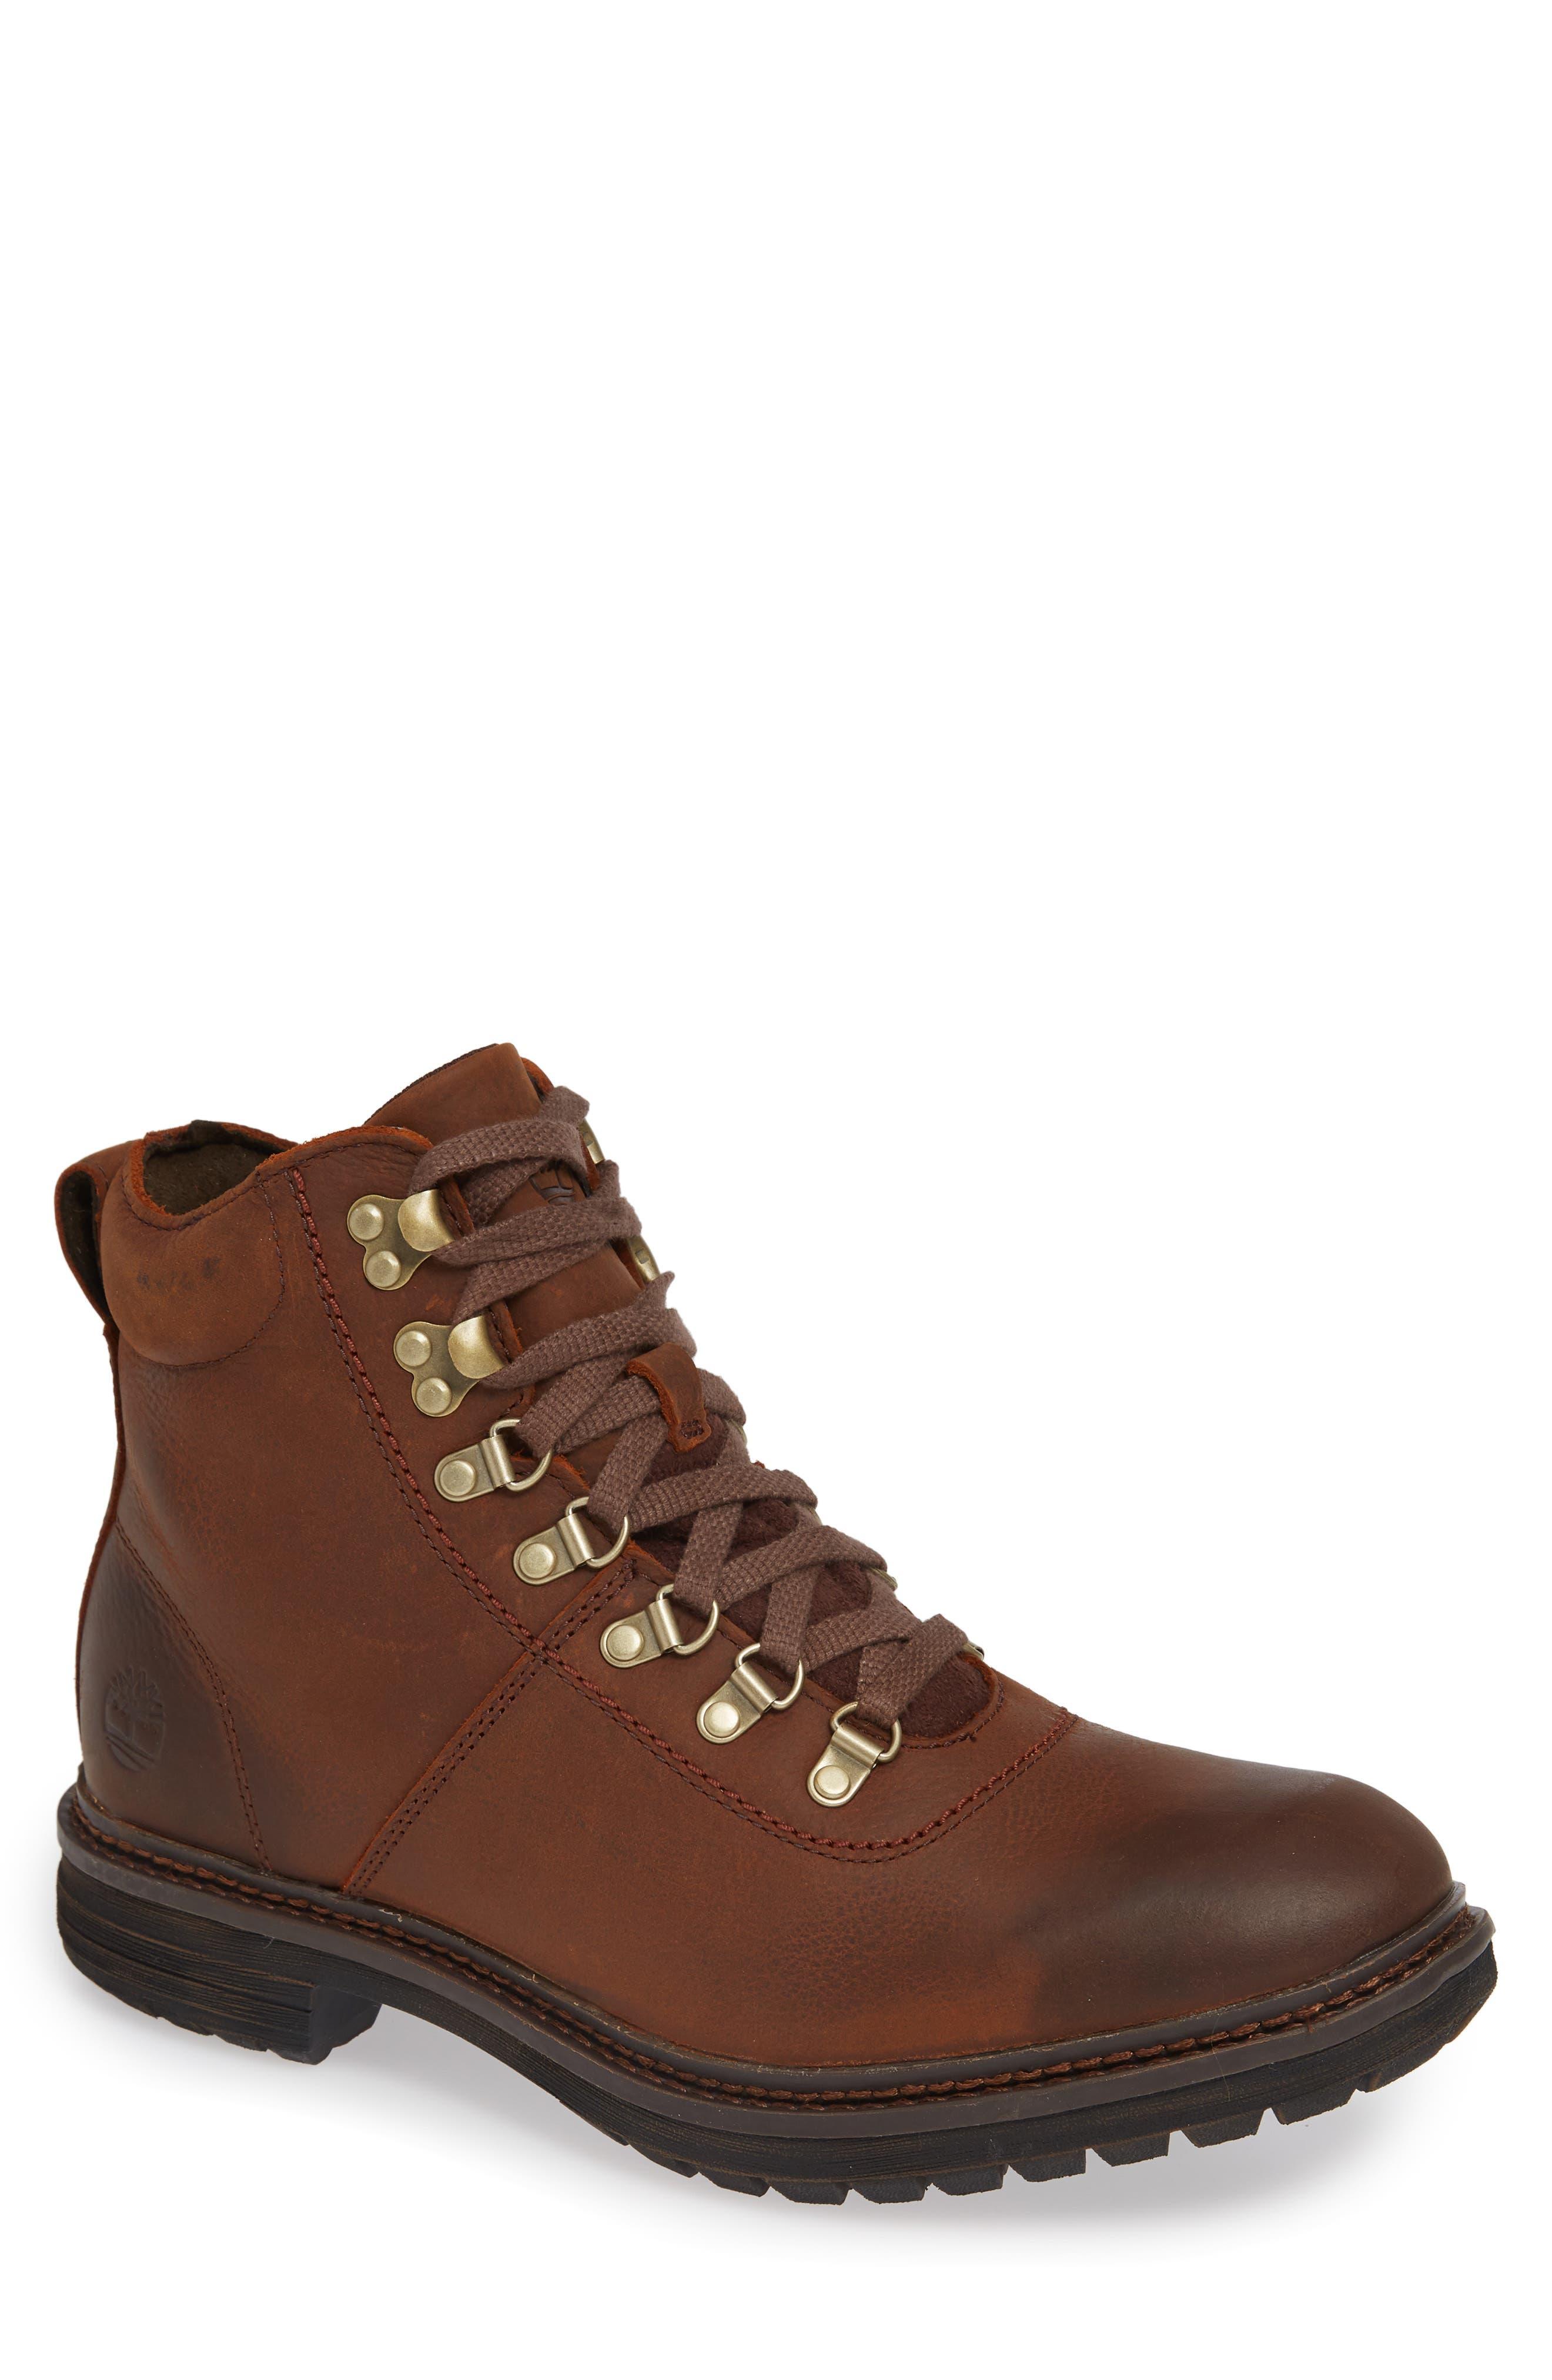 Logan Bay Water Resistant Alpine Hiker Boot,                         Main,                         color, 210